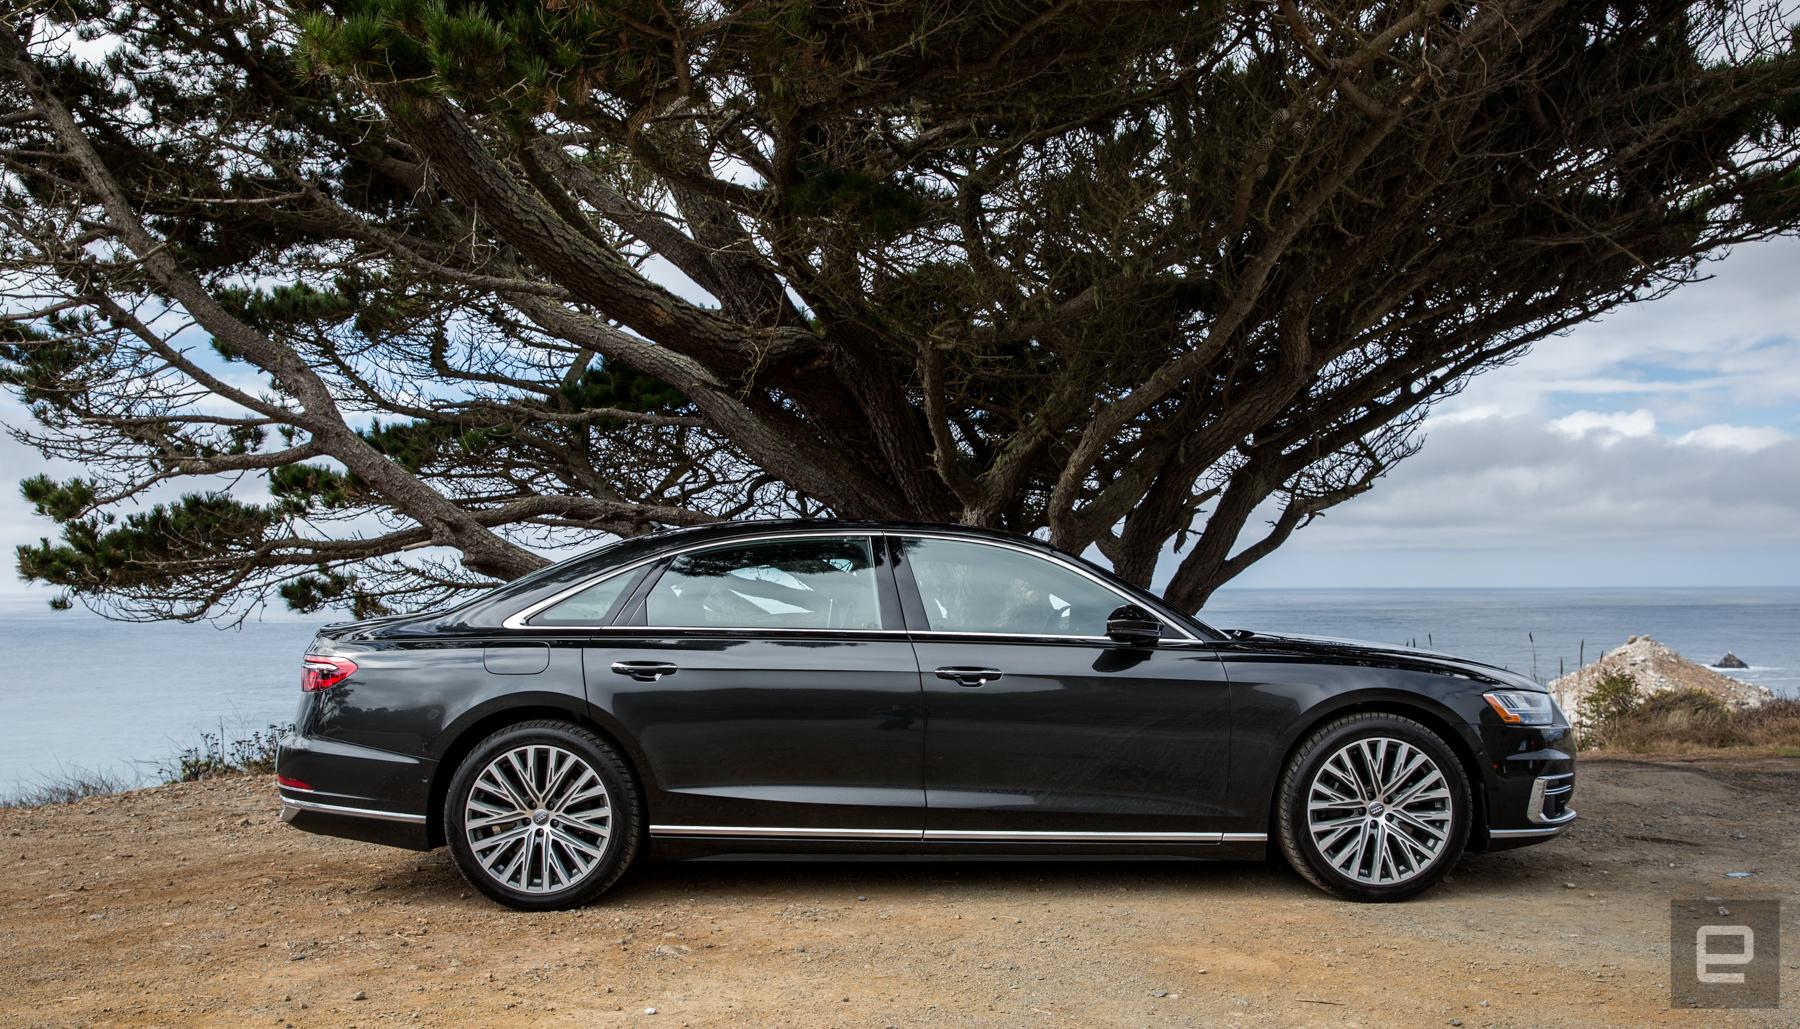 Kelebihan Kekurangan A8 Audi 2019 Top Model Tahun Ini